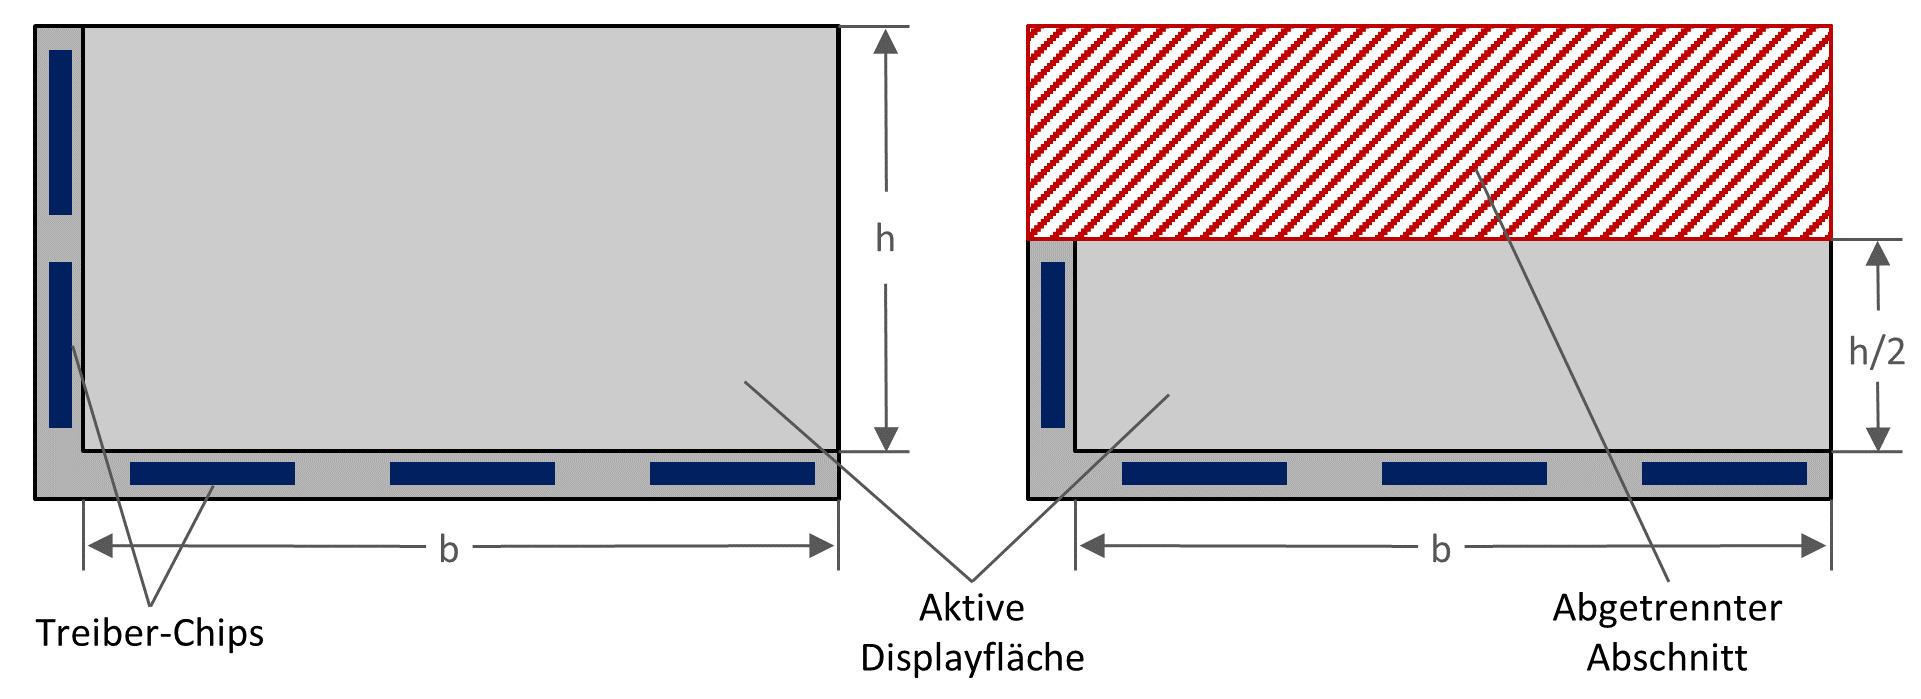 Horizontaler Schnitt bei einem 'Half size' Display (Bild: Hy-Line Computer Components)